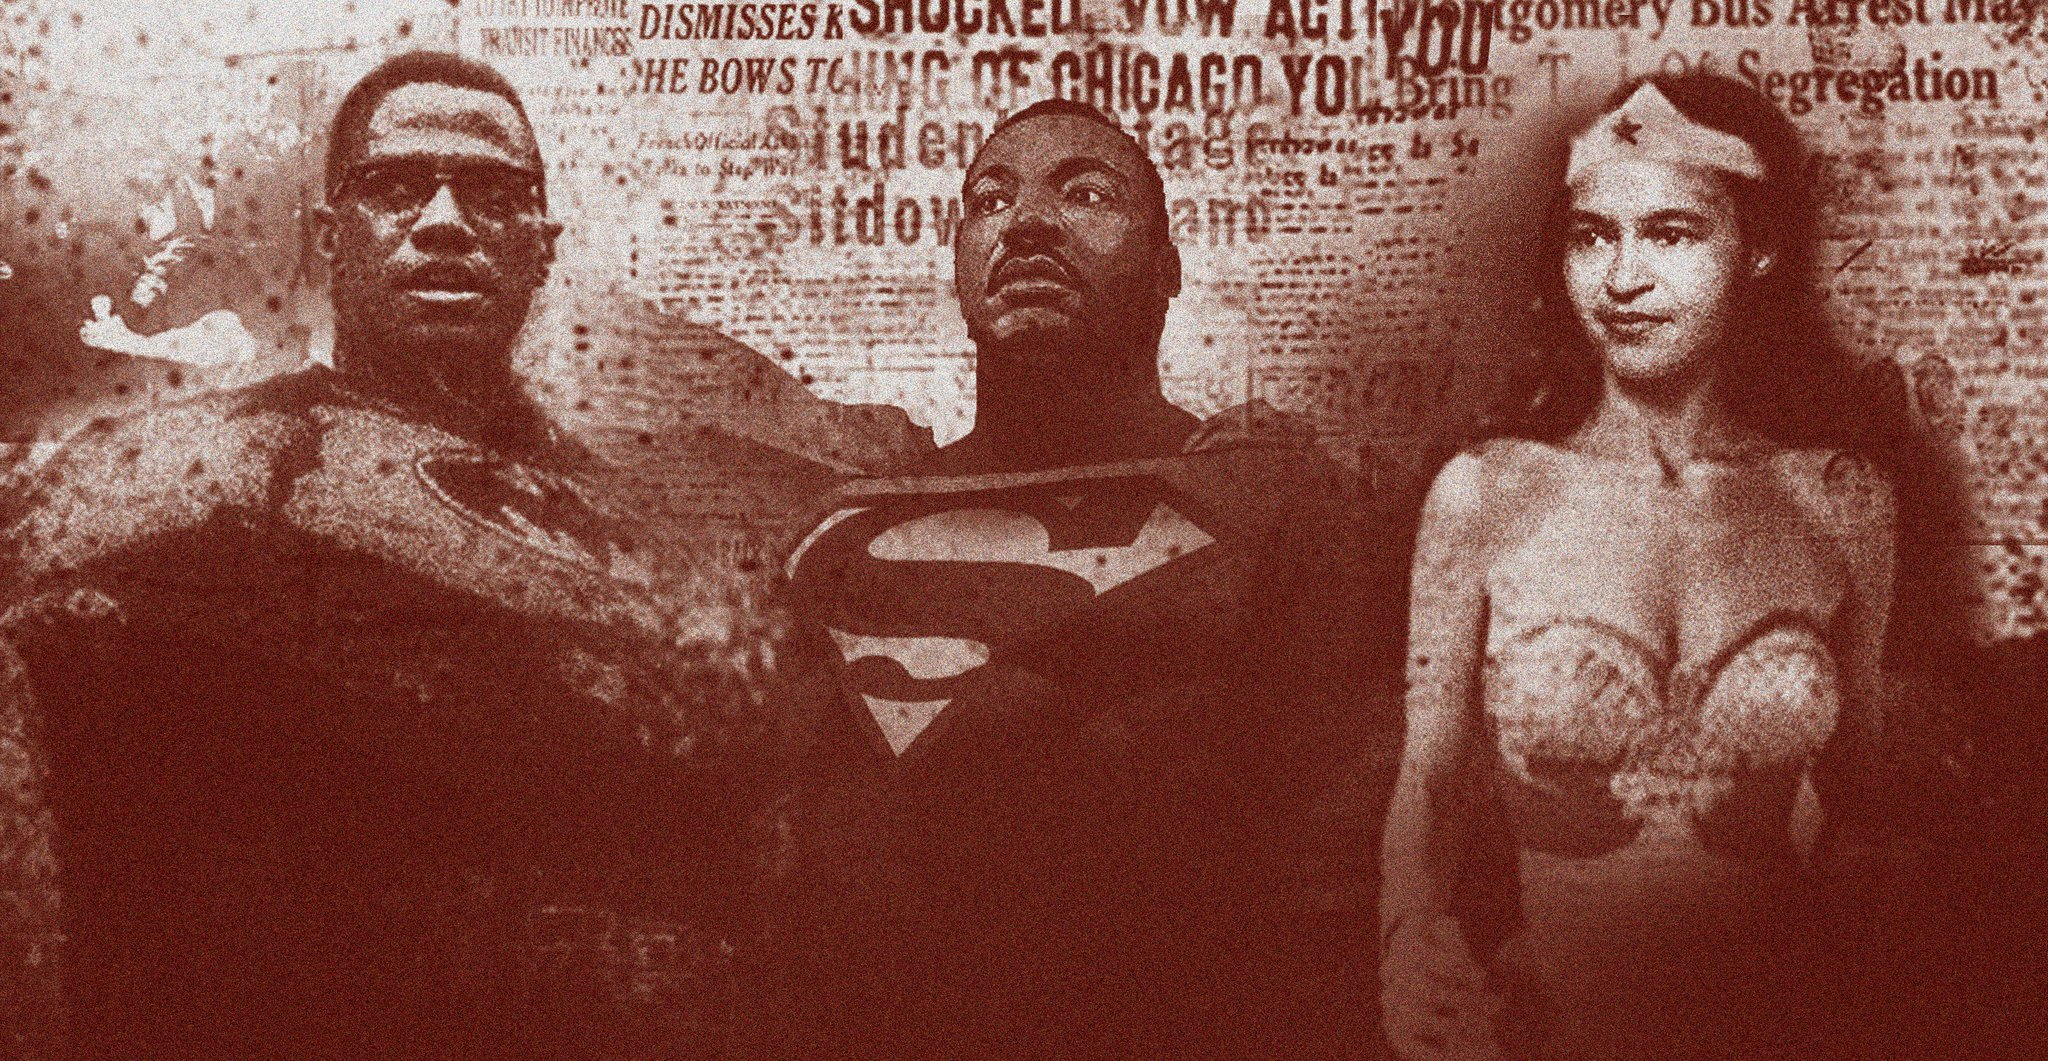 Heroes Series issue #3